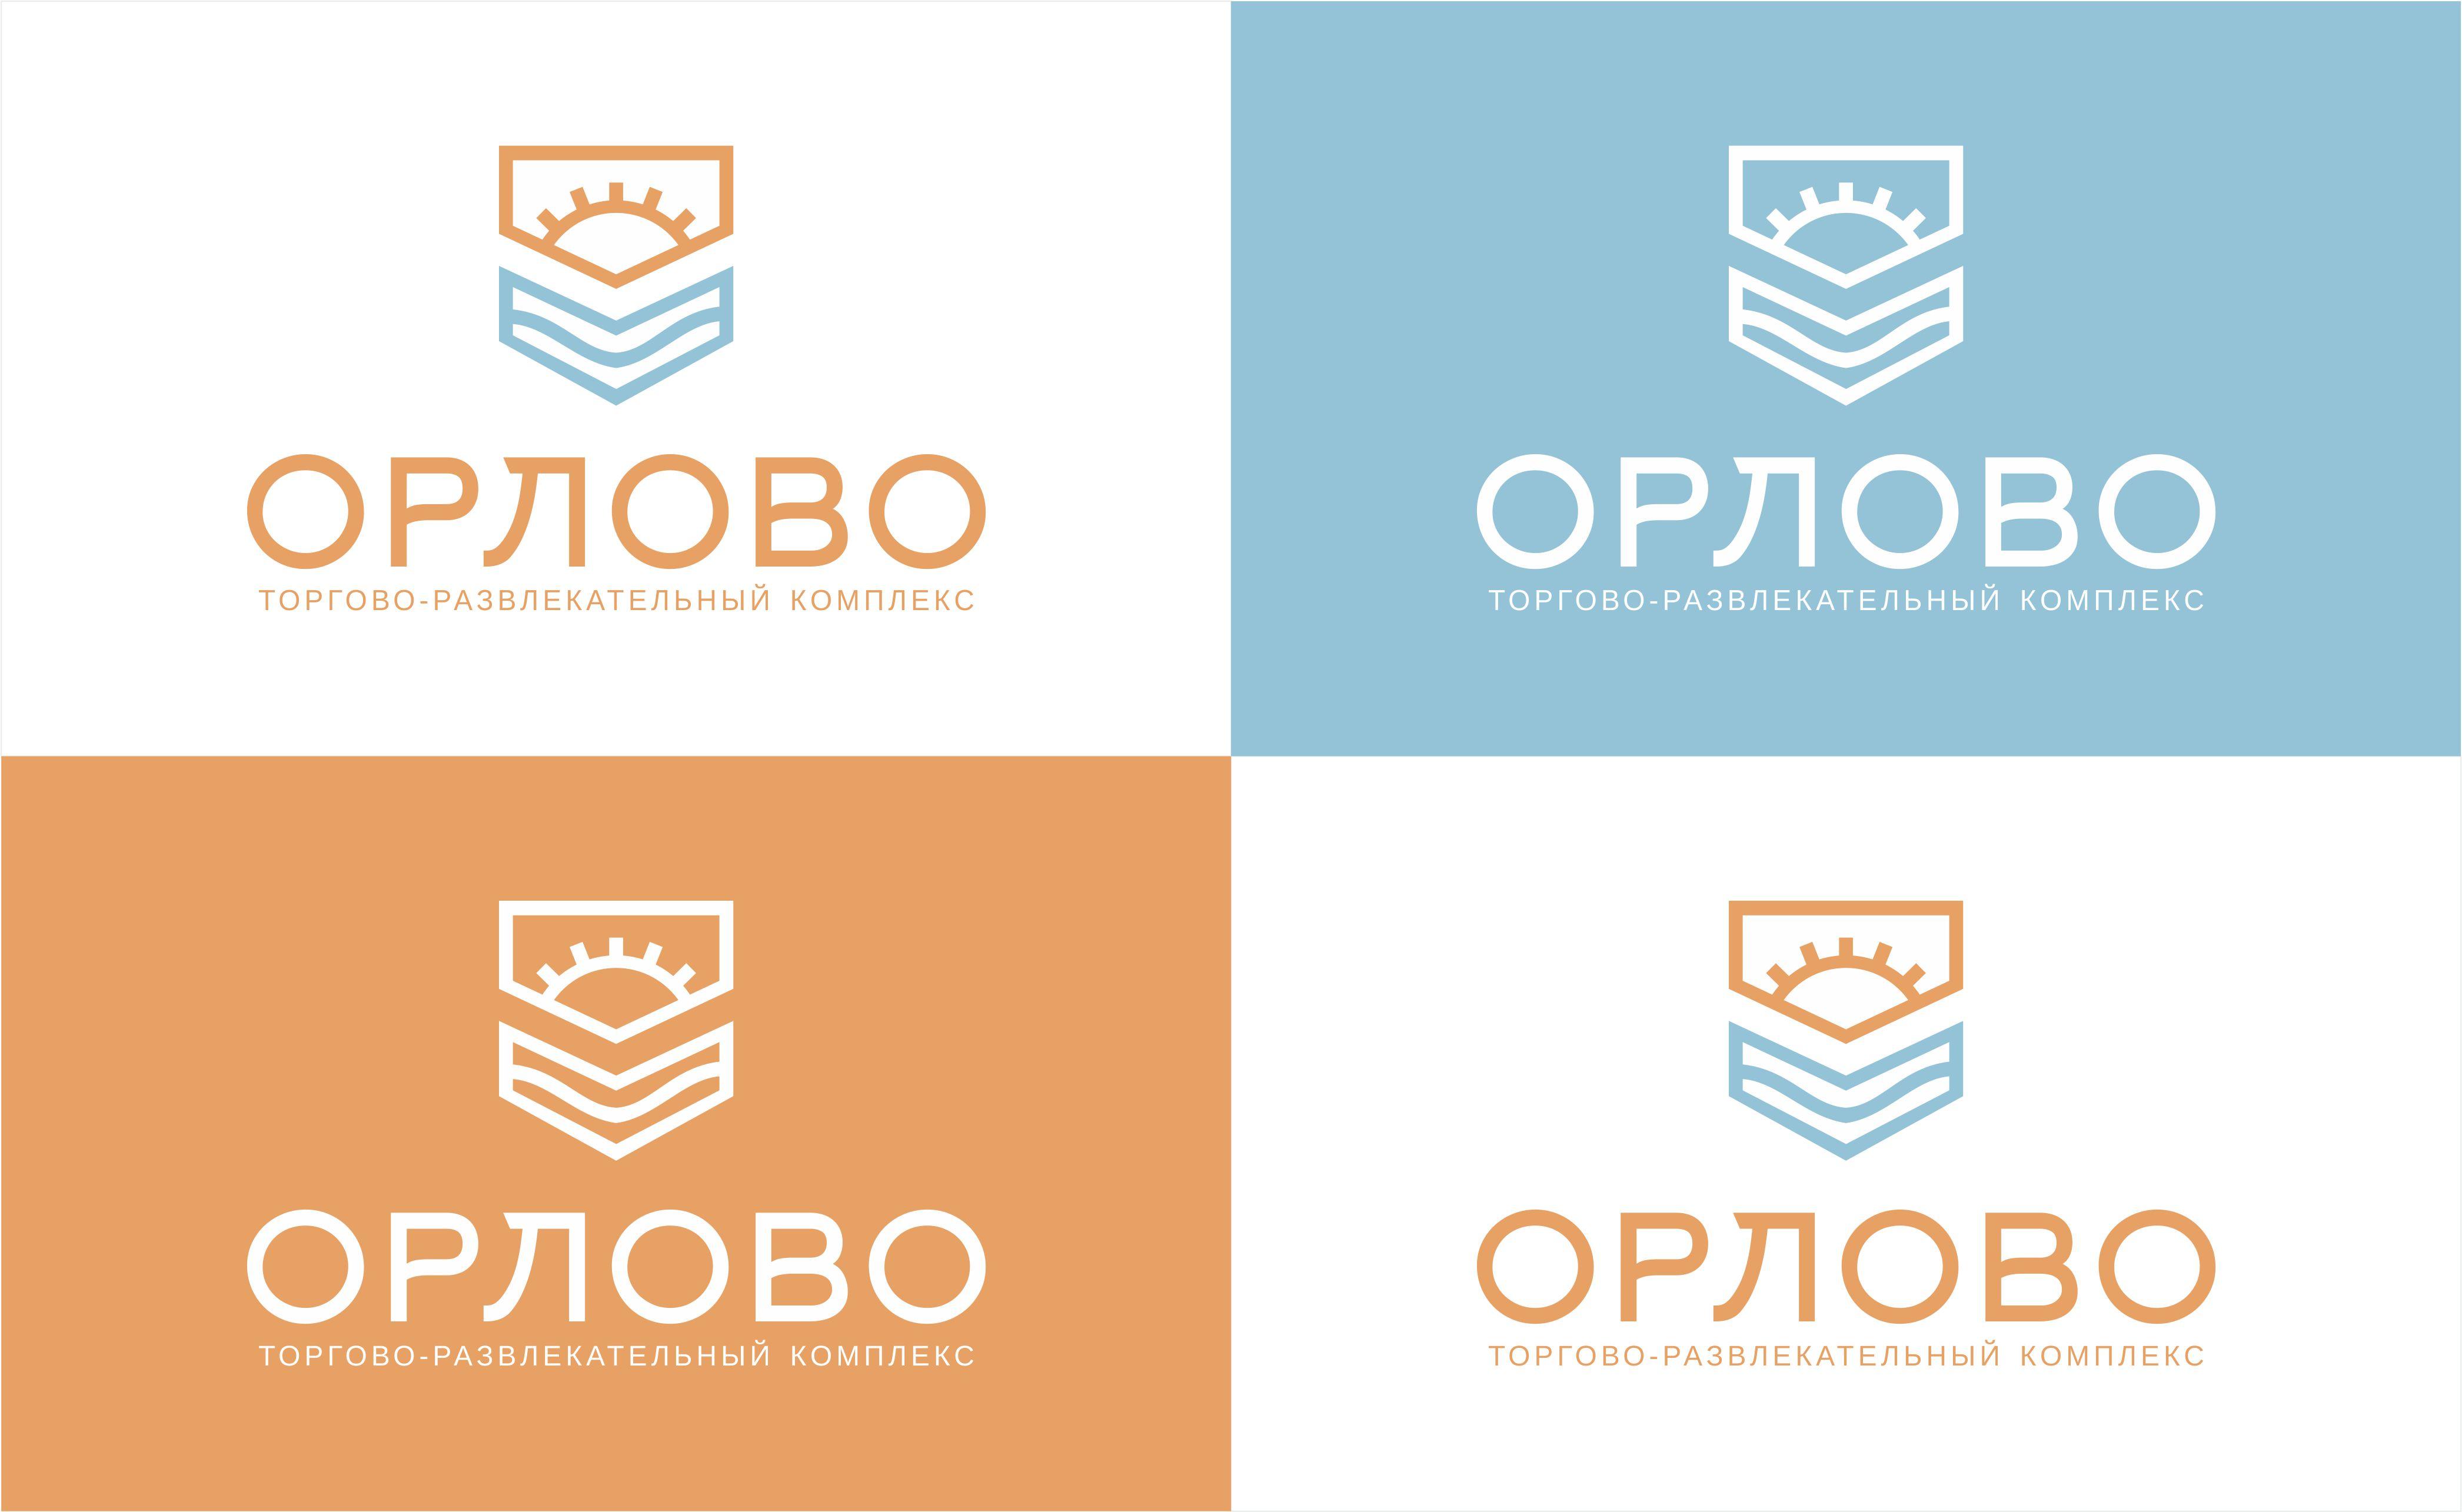 Разработка логотипа для Торгово-развлекательного комплекса фото f_782596f3e6710e84.jpg